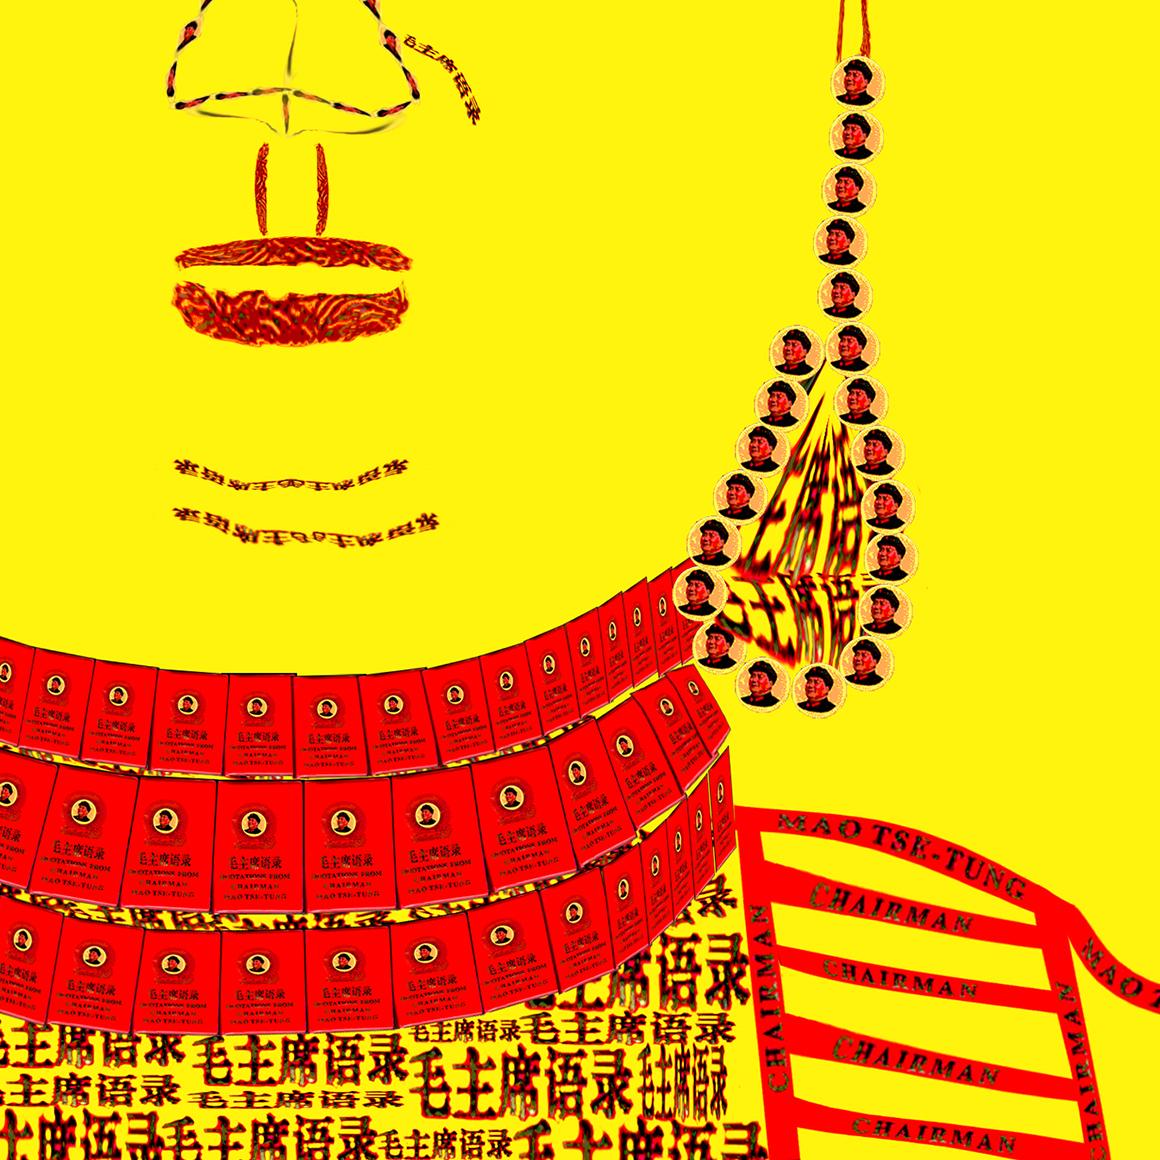 DETAIL: Red Book Buddha - Yellow